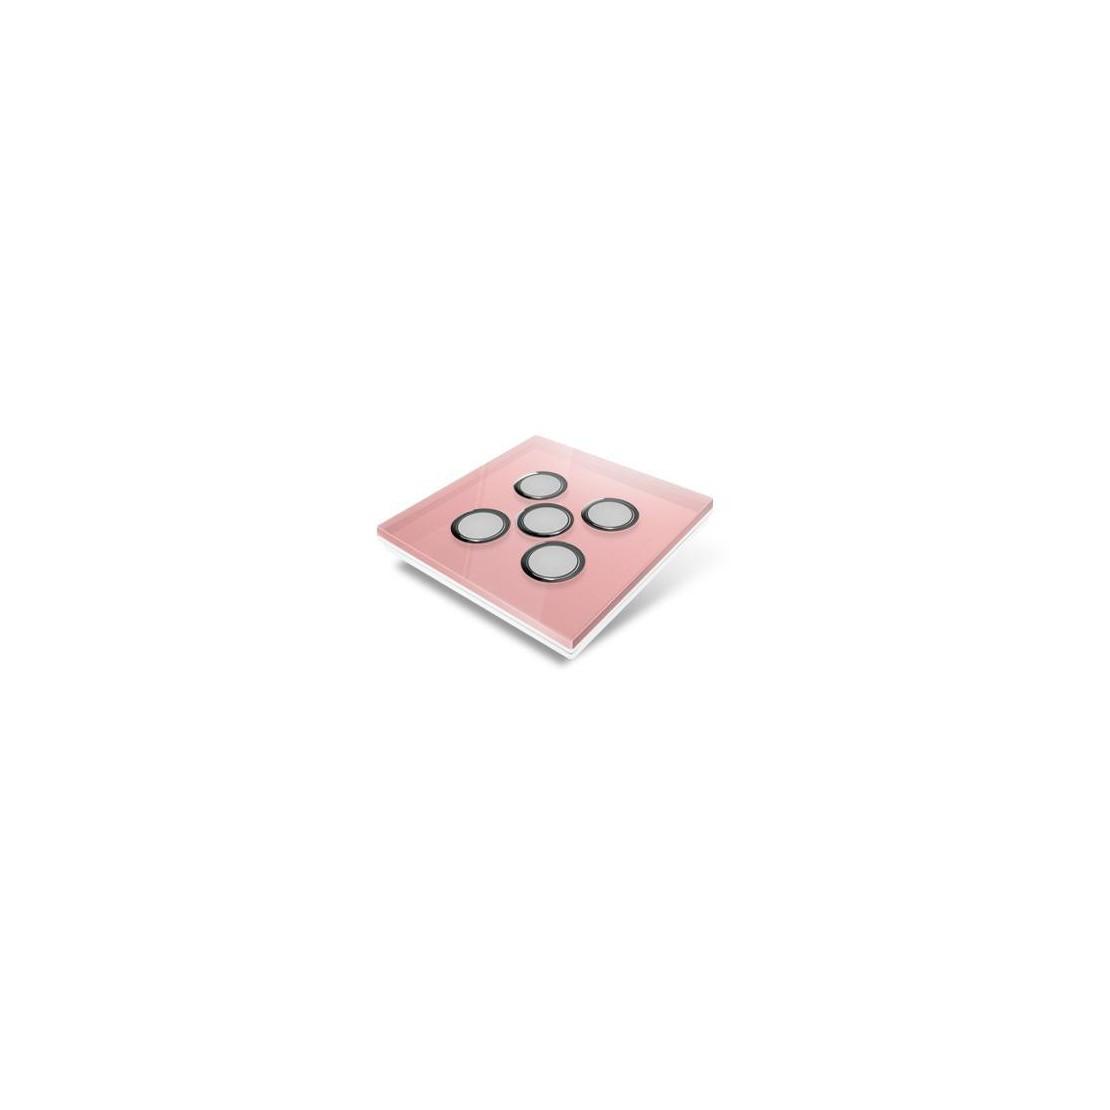 Afdekplaat voor Edisio-schakelaar - glas, roze